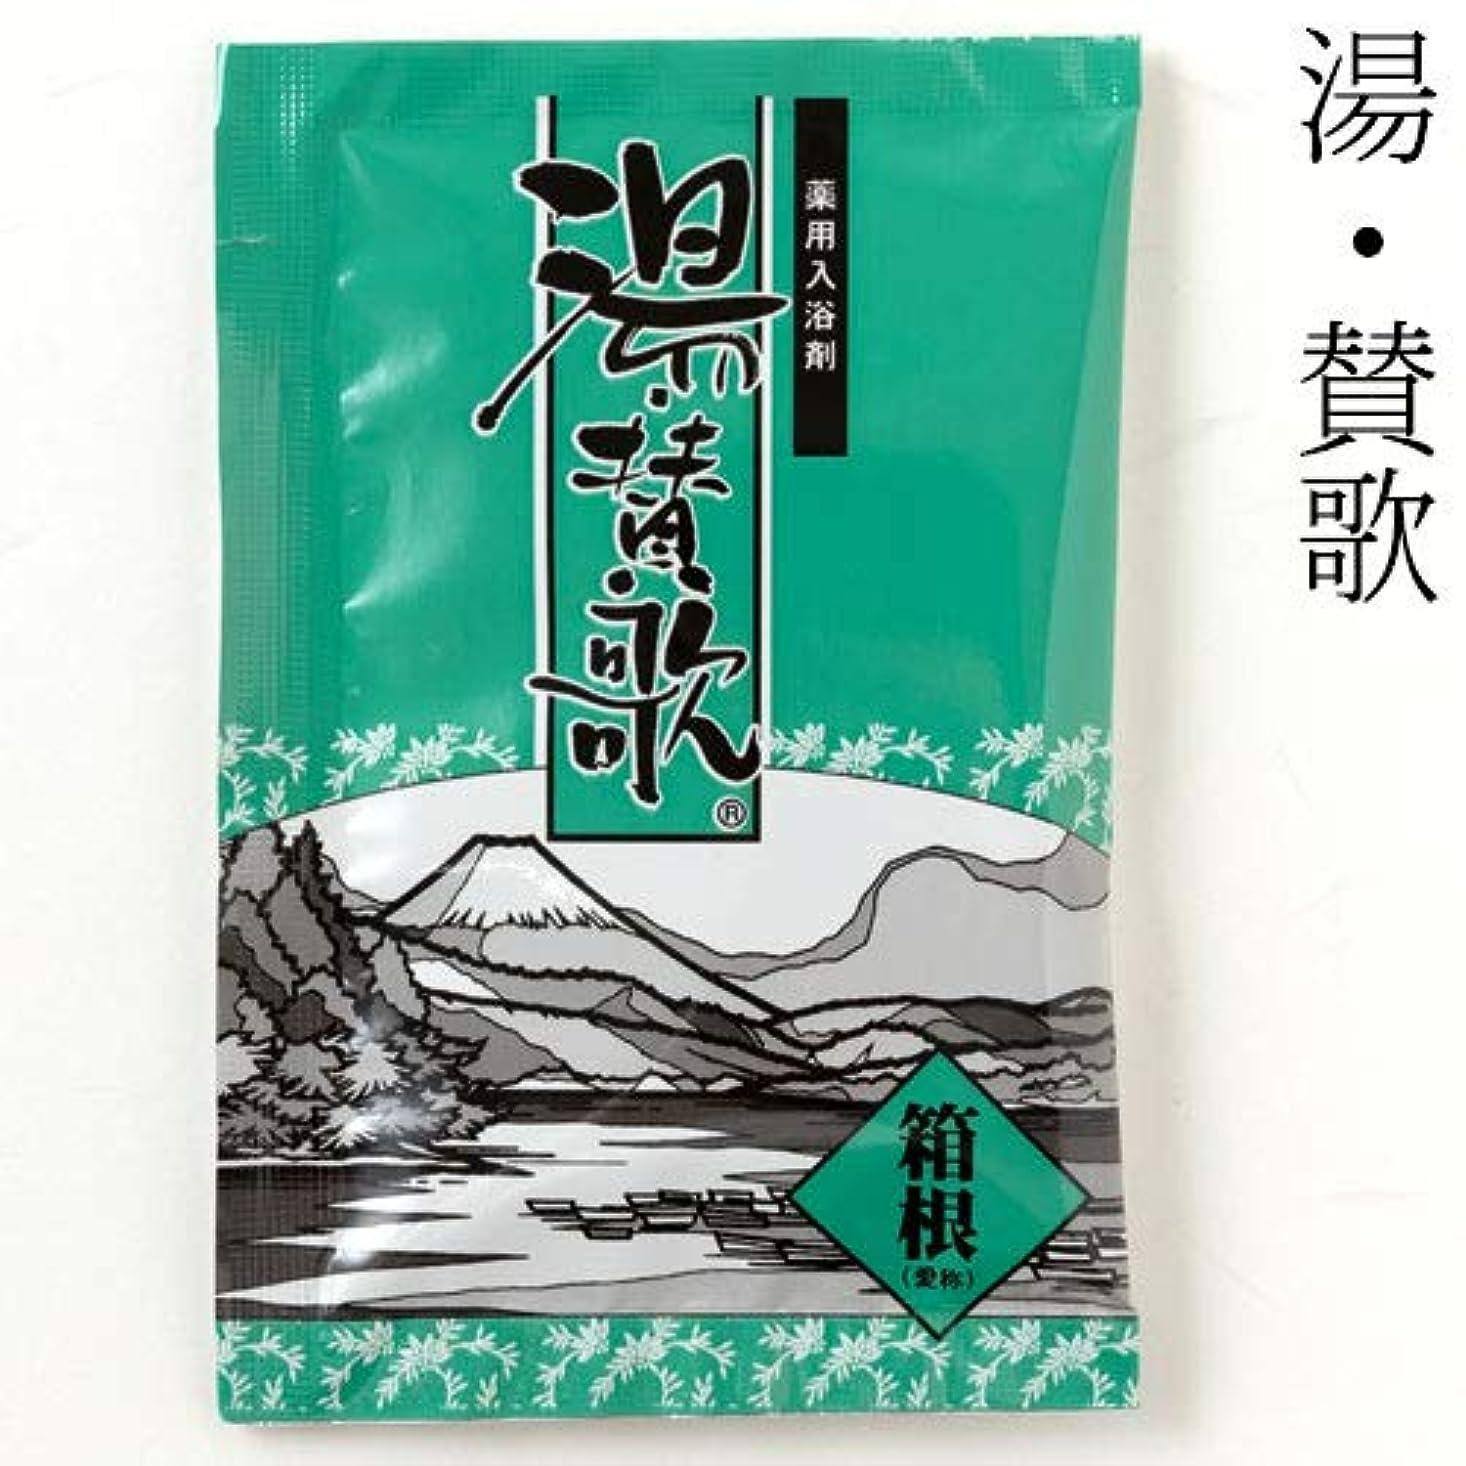 納得させるもつれハーフ入浴剤湯?賛歌箱根1包石川県のお風呂グッズBath additive, Ishikawa craft